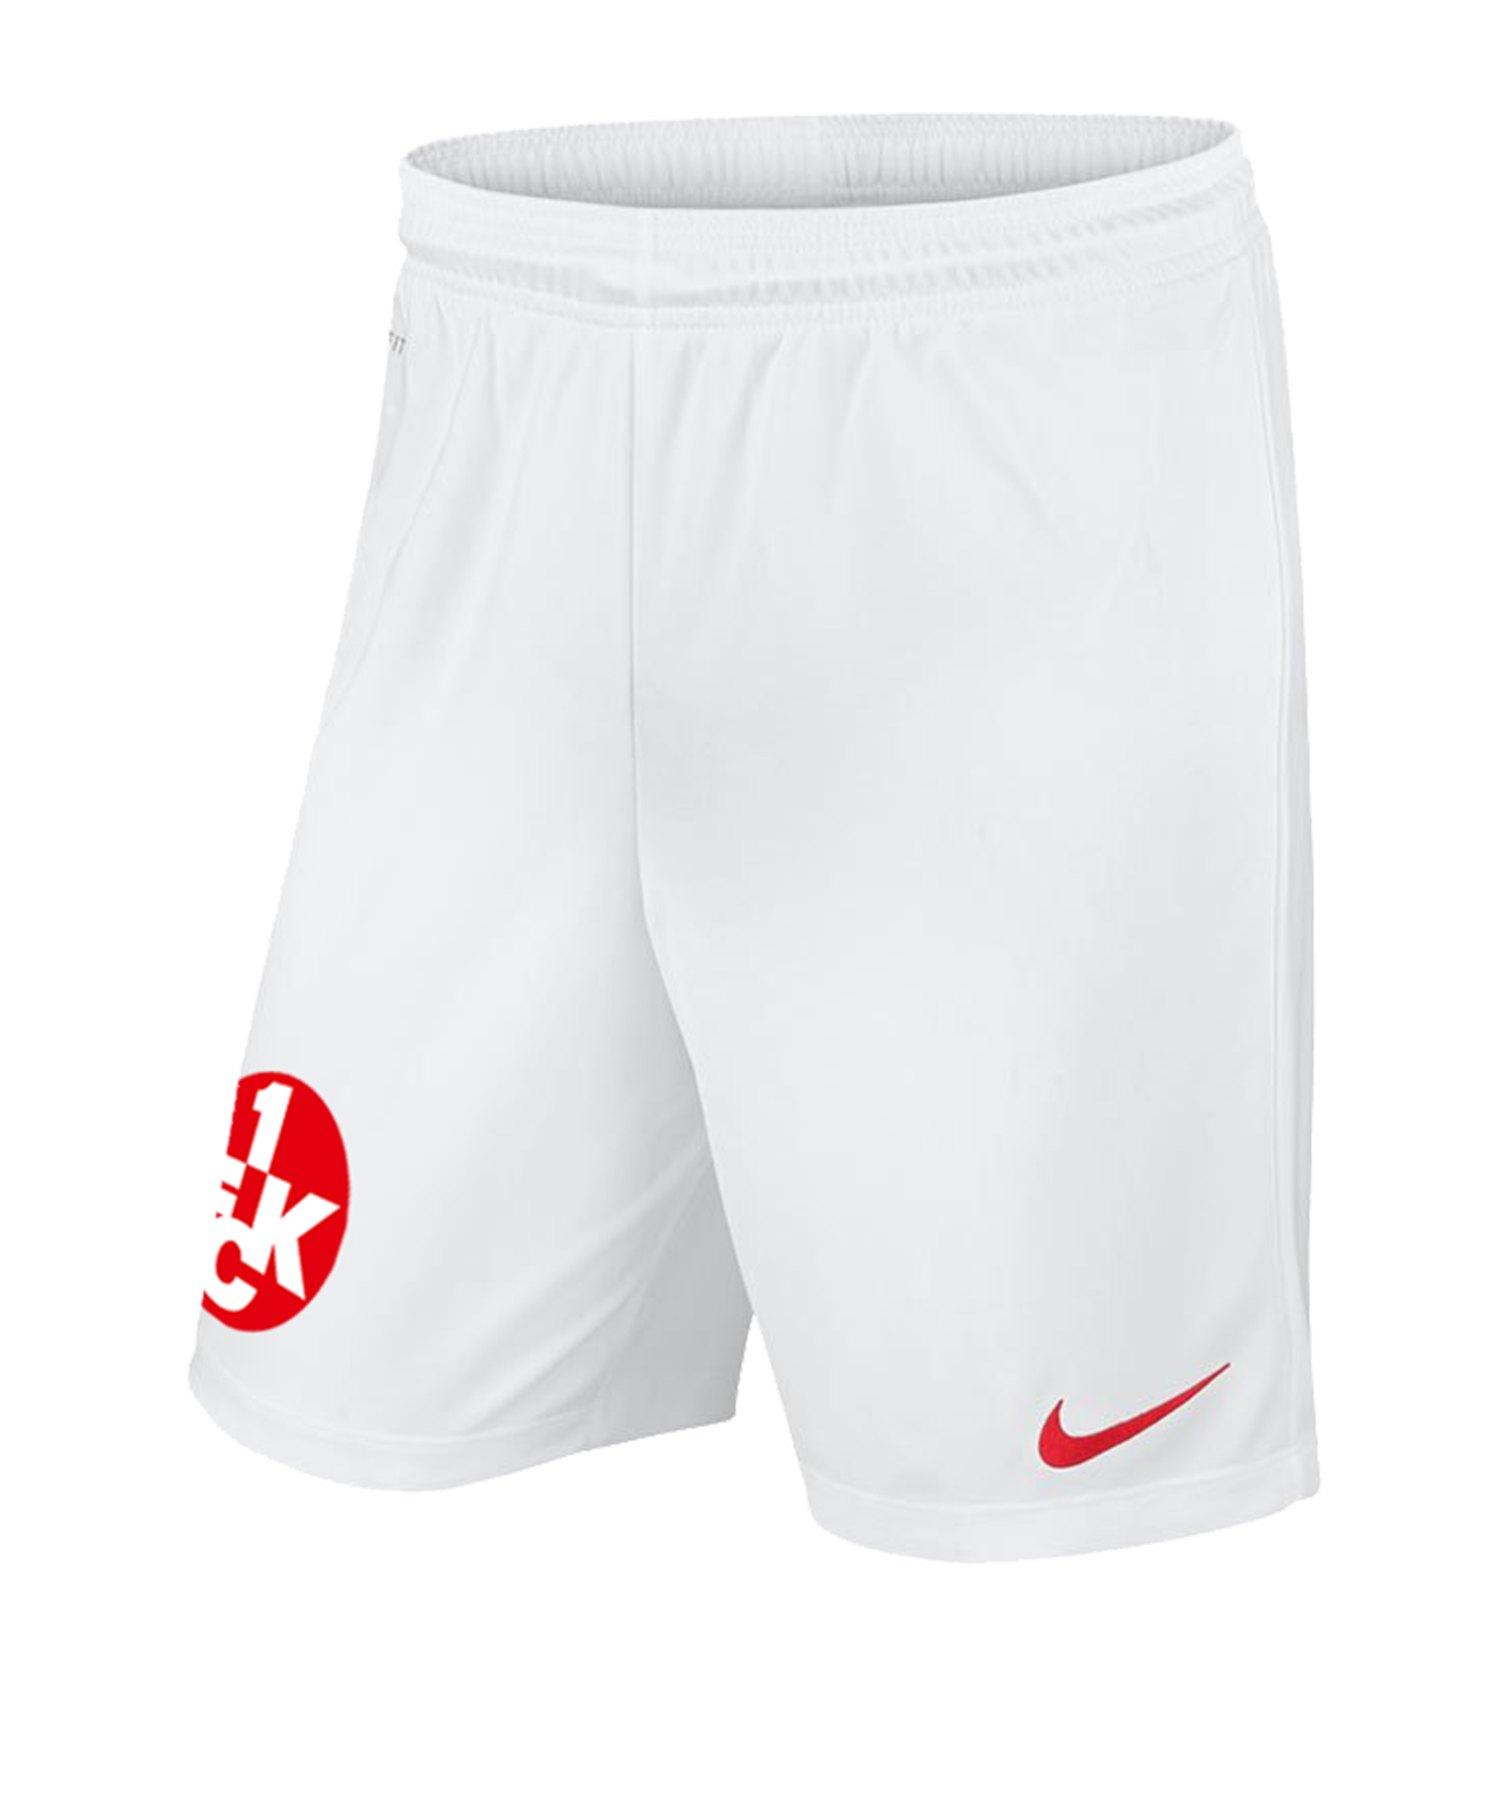 Nike 1. FC Kaiserslautern Short Home 19/20 Kids F102 - weiss